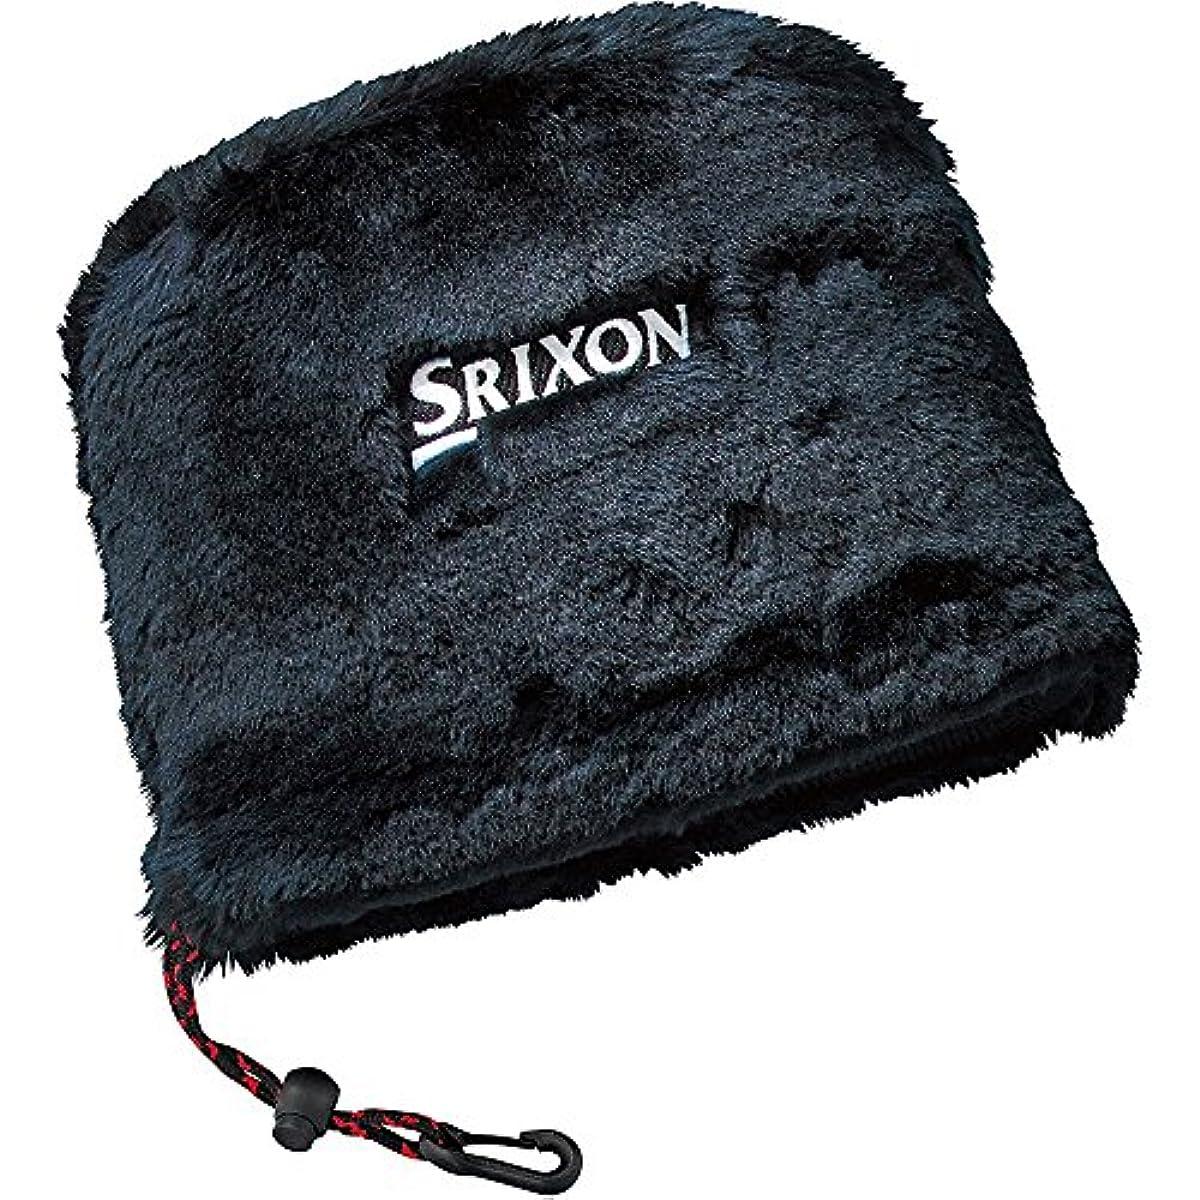 [해외] DUNLOP(던롭) 헤드 커버 SRIXON 헤드 커버 아이언용 GGE-S120I